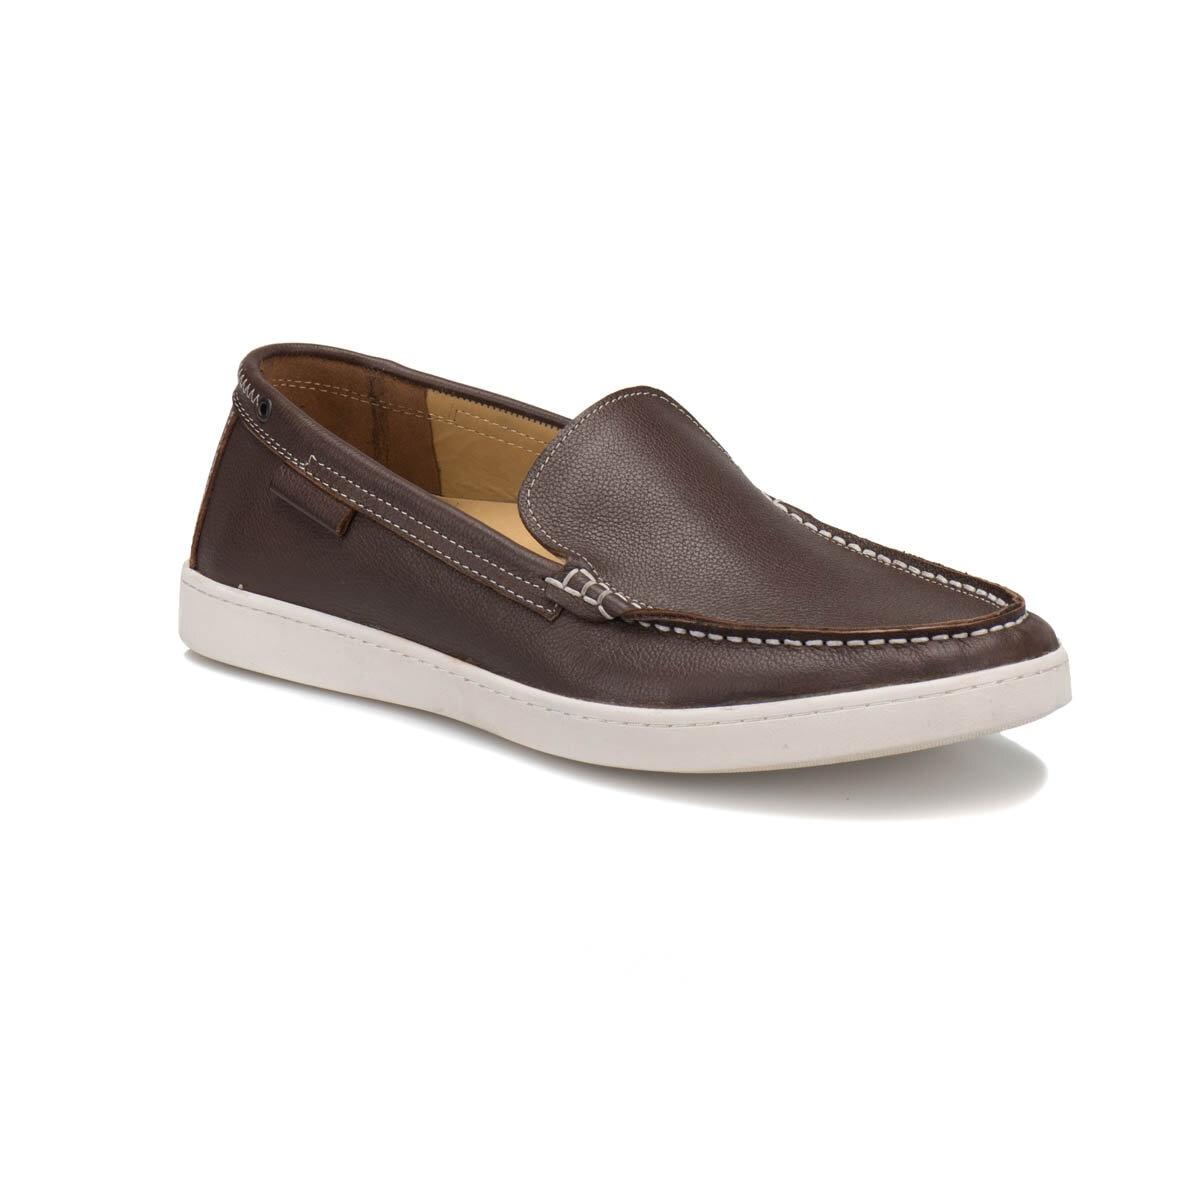 FLO 174 M 1492 Brown Men Shoes Flogart